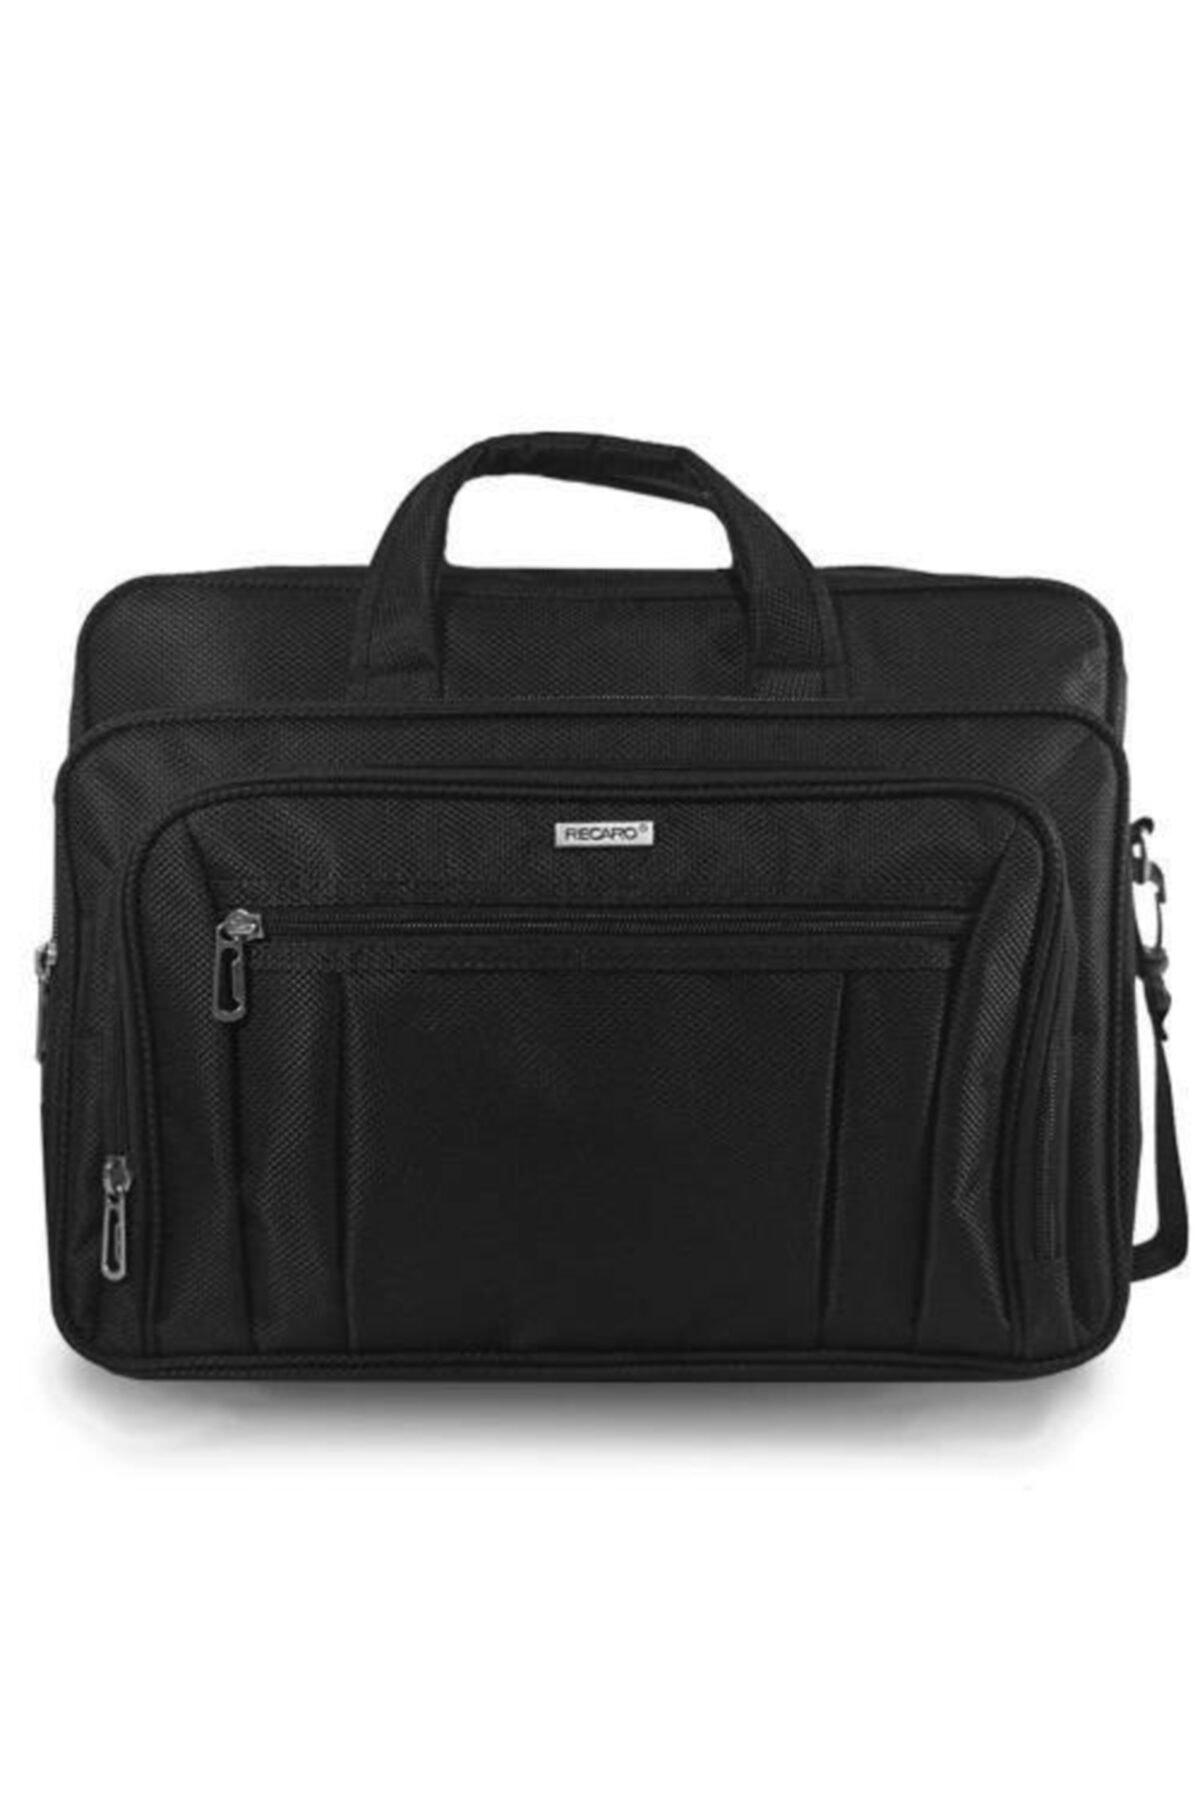 Recaro Business 15.6 Inç Laptop Notebook El Ve Omuz Çantası Siyah 1